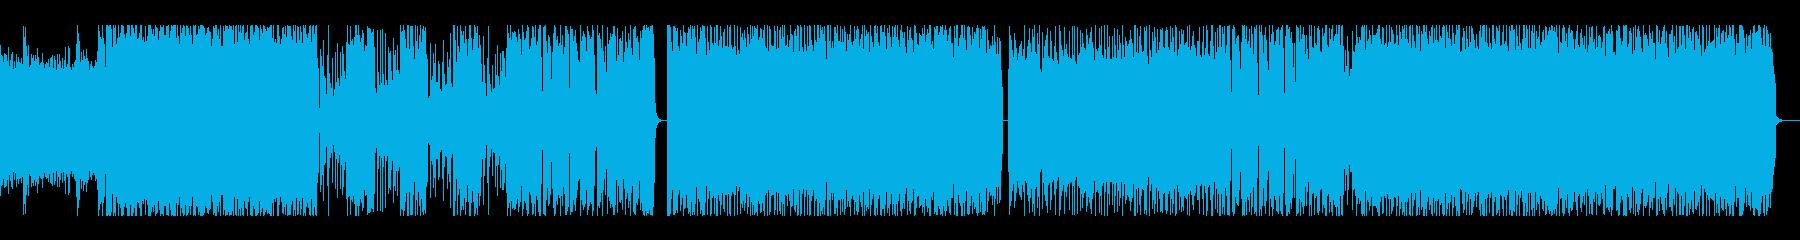 ゴリゴリエレキギターのインスト曲の再生済みの波形